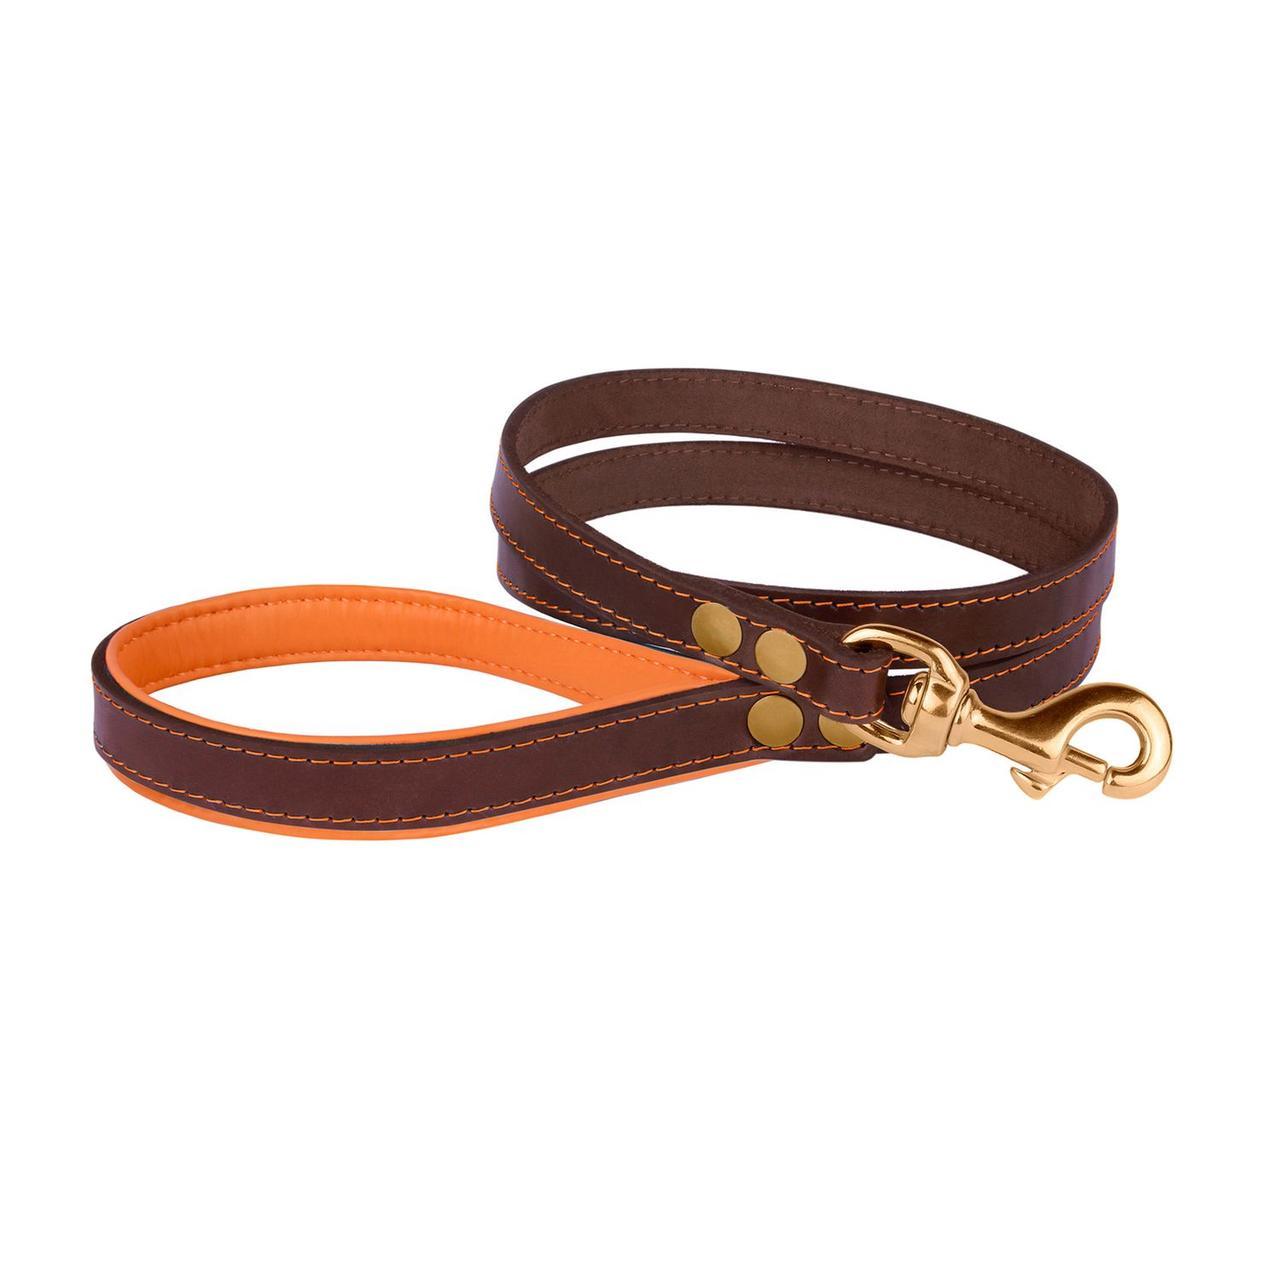 Поводок для Собак Кожаный BronzeDog Premium с Литой Латунной Фурнитурой Коричнево-Оранжевый S